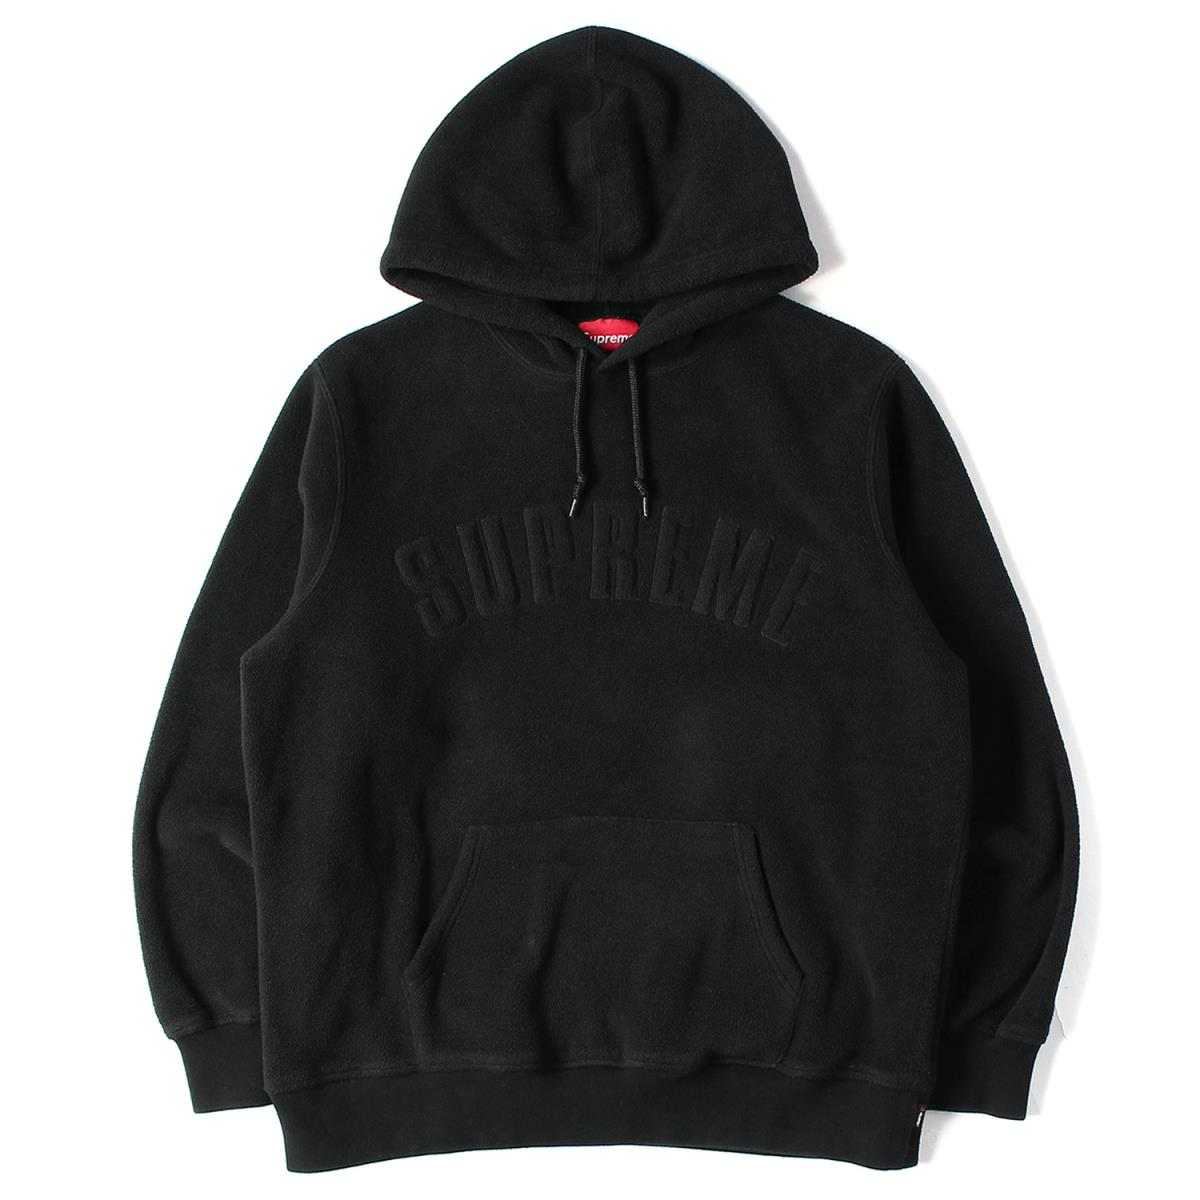 Supreme シュプリーム パーカー 18AW アーチロゴ ポーラテック フリース パーカー Polartec Hooded Sweatshirt ブラック L 【メンズ】【中古】【K2590】【あす楽☆対応可】